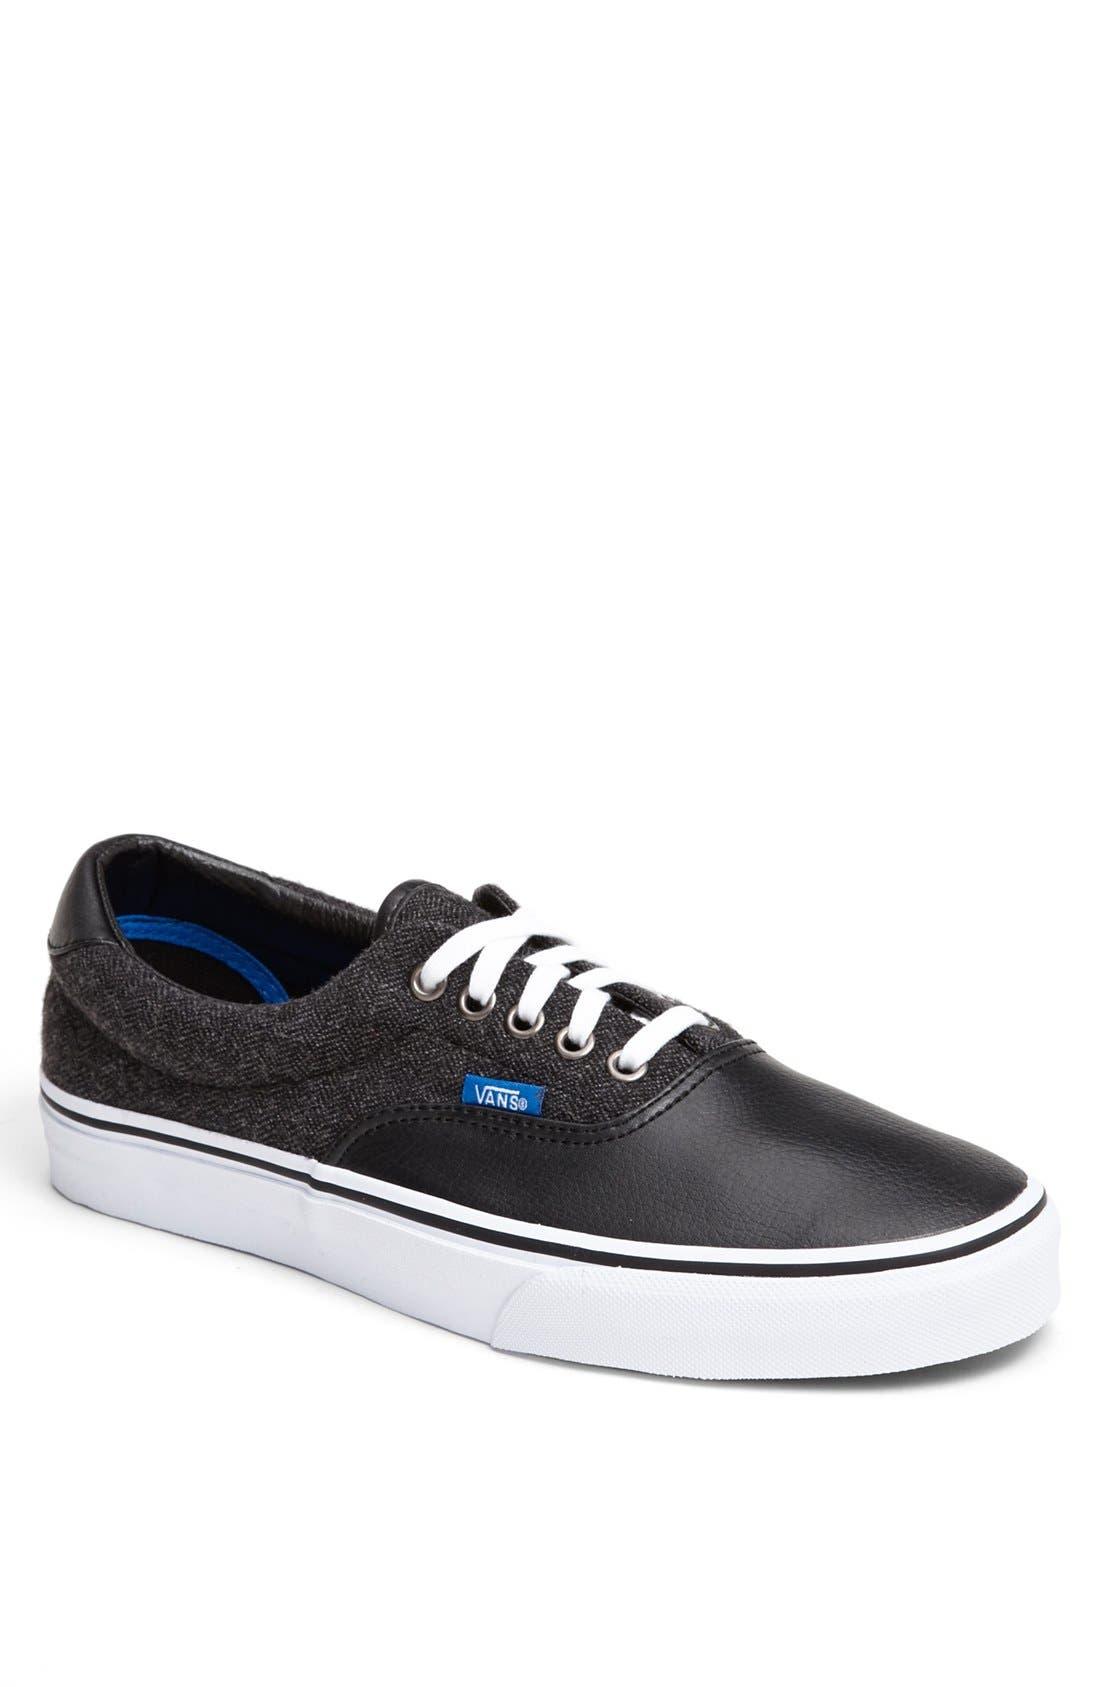 Alternate Image 1 Selected - Vans 'Era 59' Sneaker (Men)